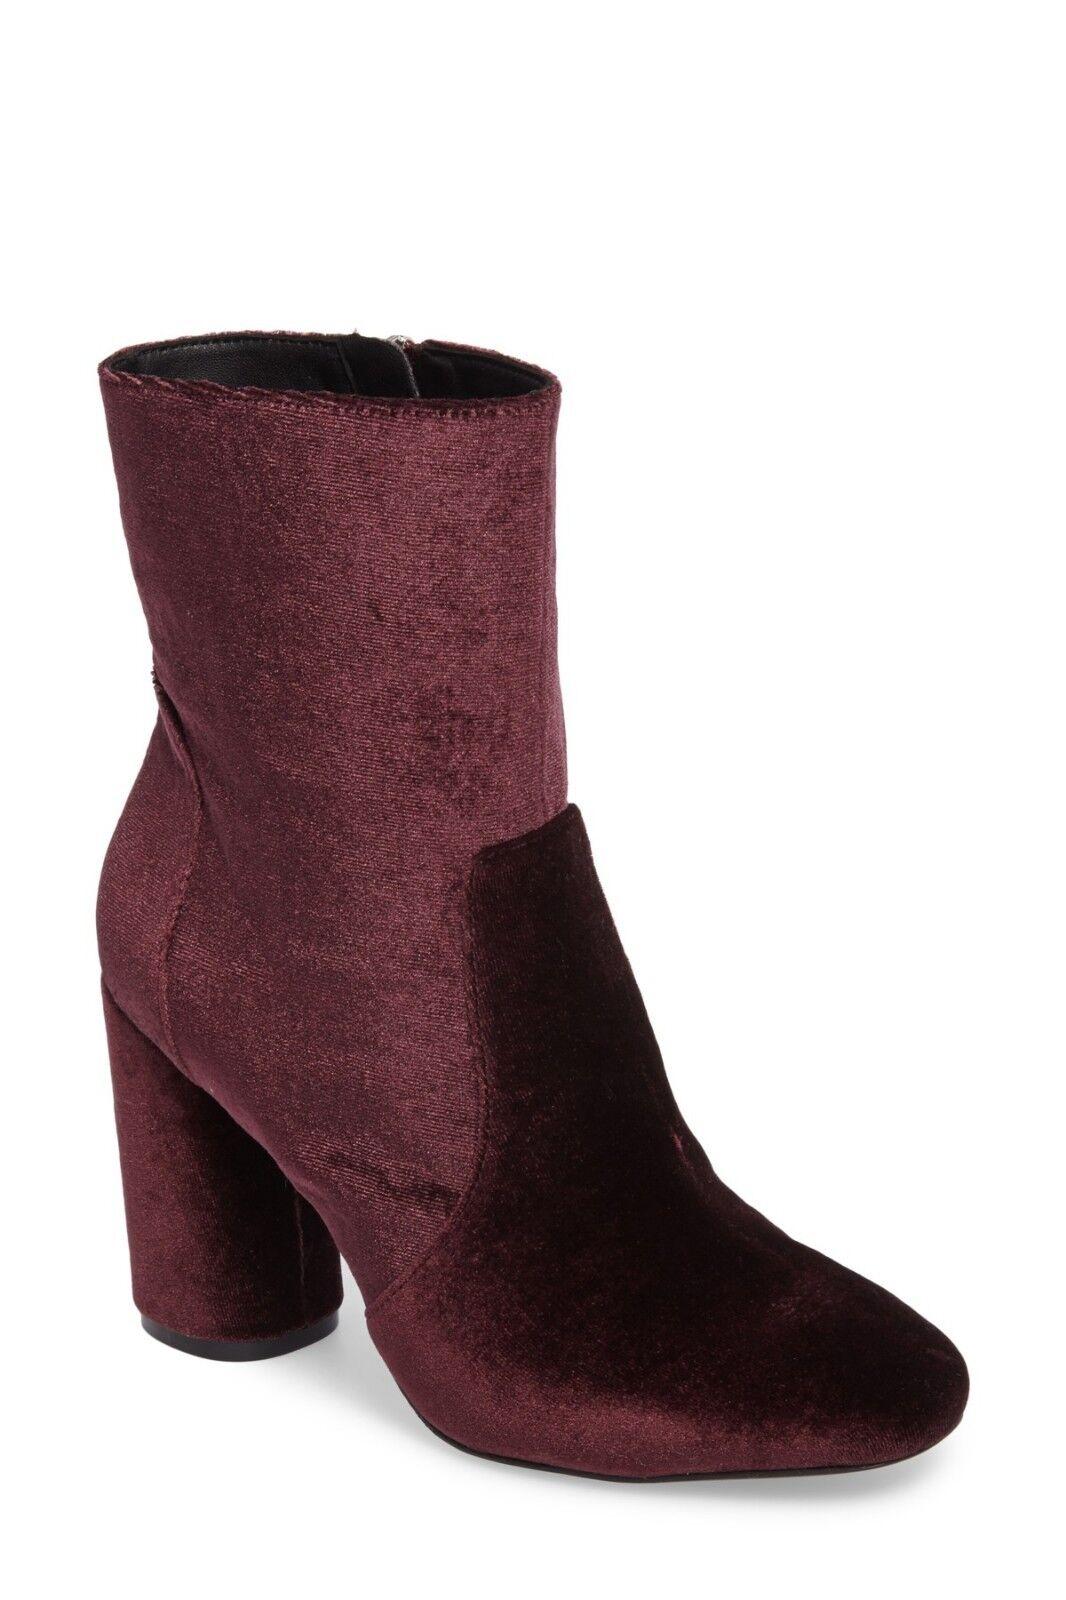 NEW DKNY damen damen damen Karan Alley Stiefelie, CORDOVAN VELVET, damen Größe 5.5 M,  350 5d3c70